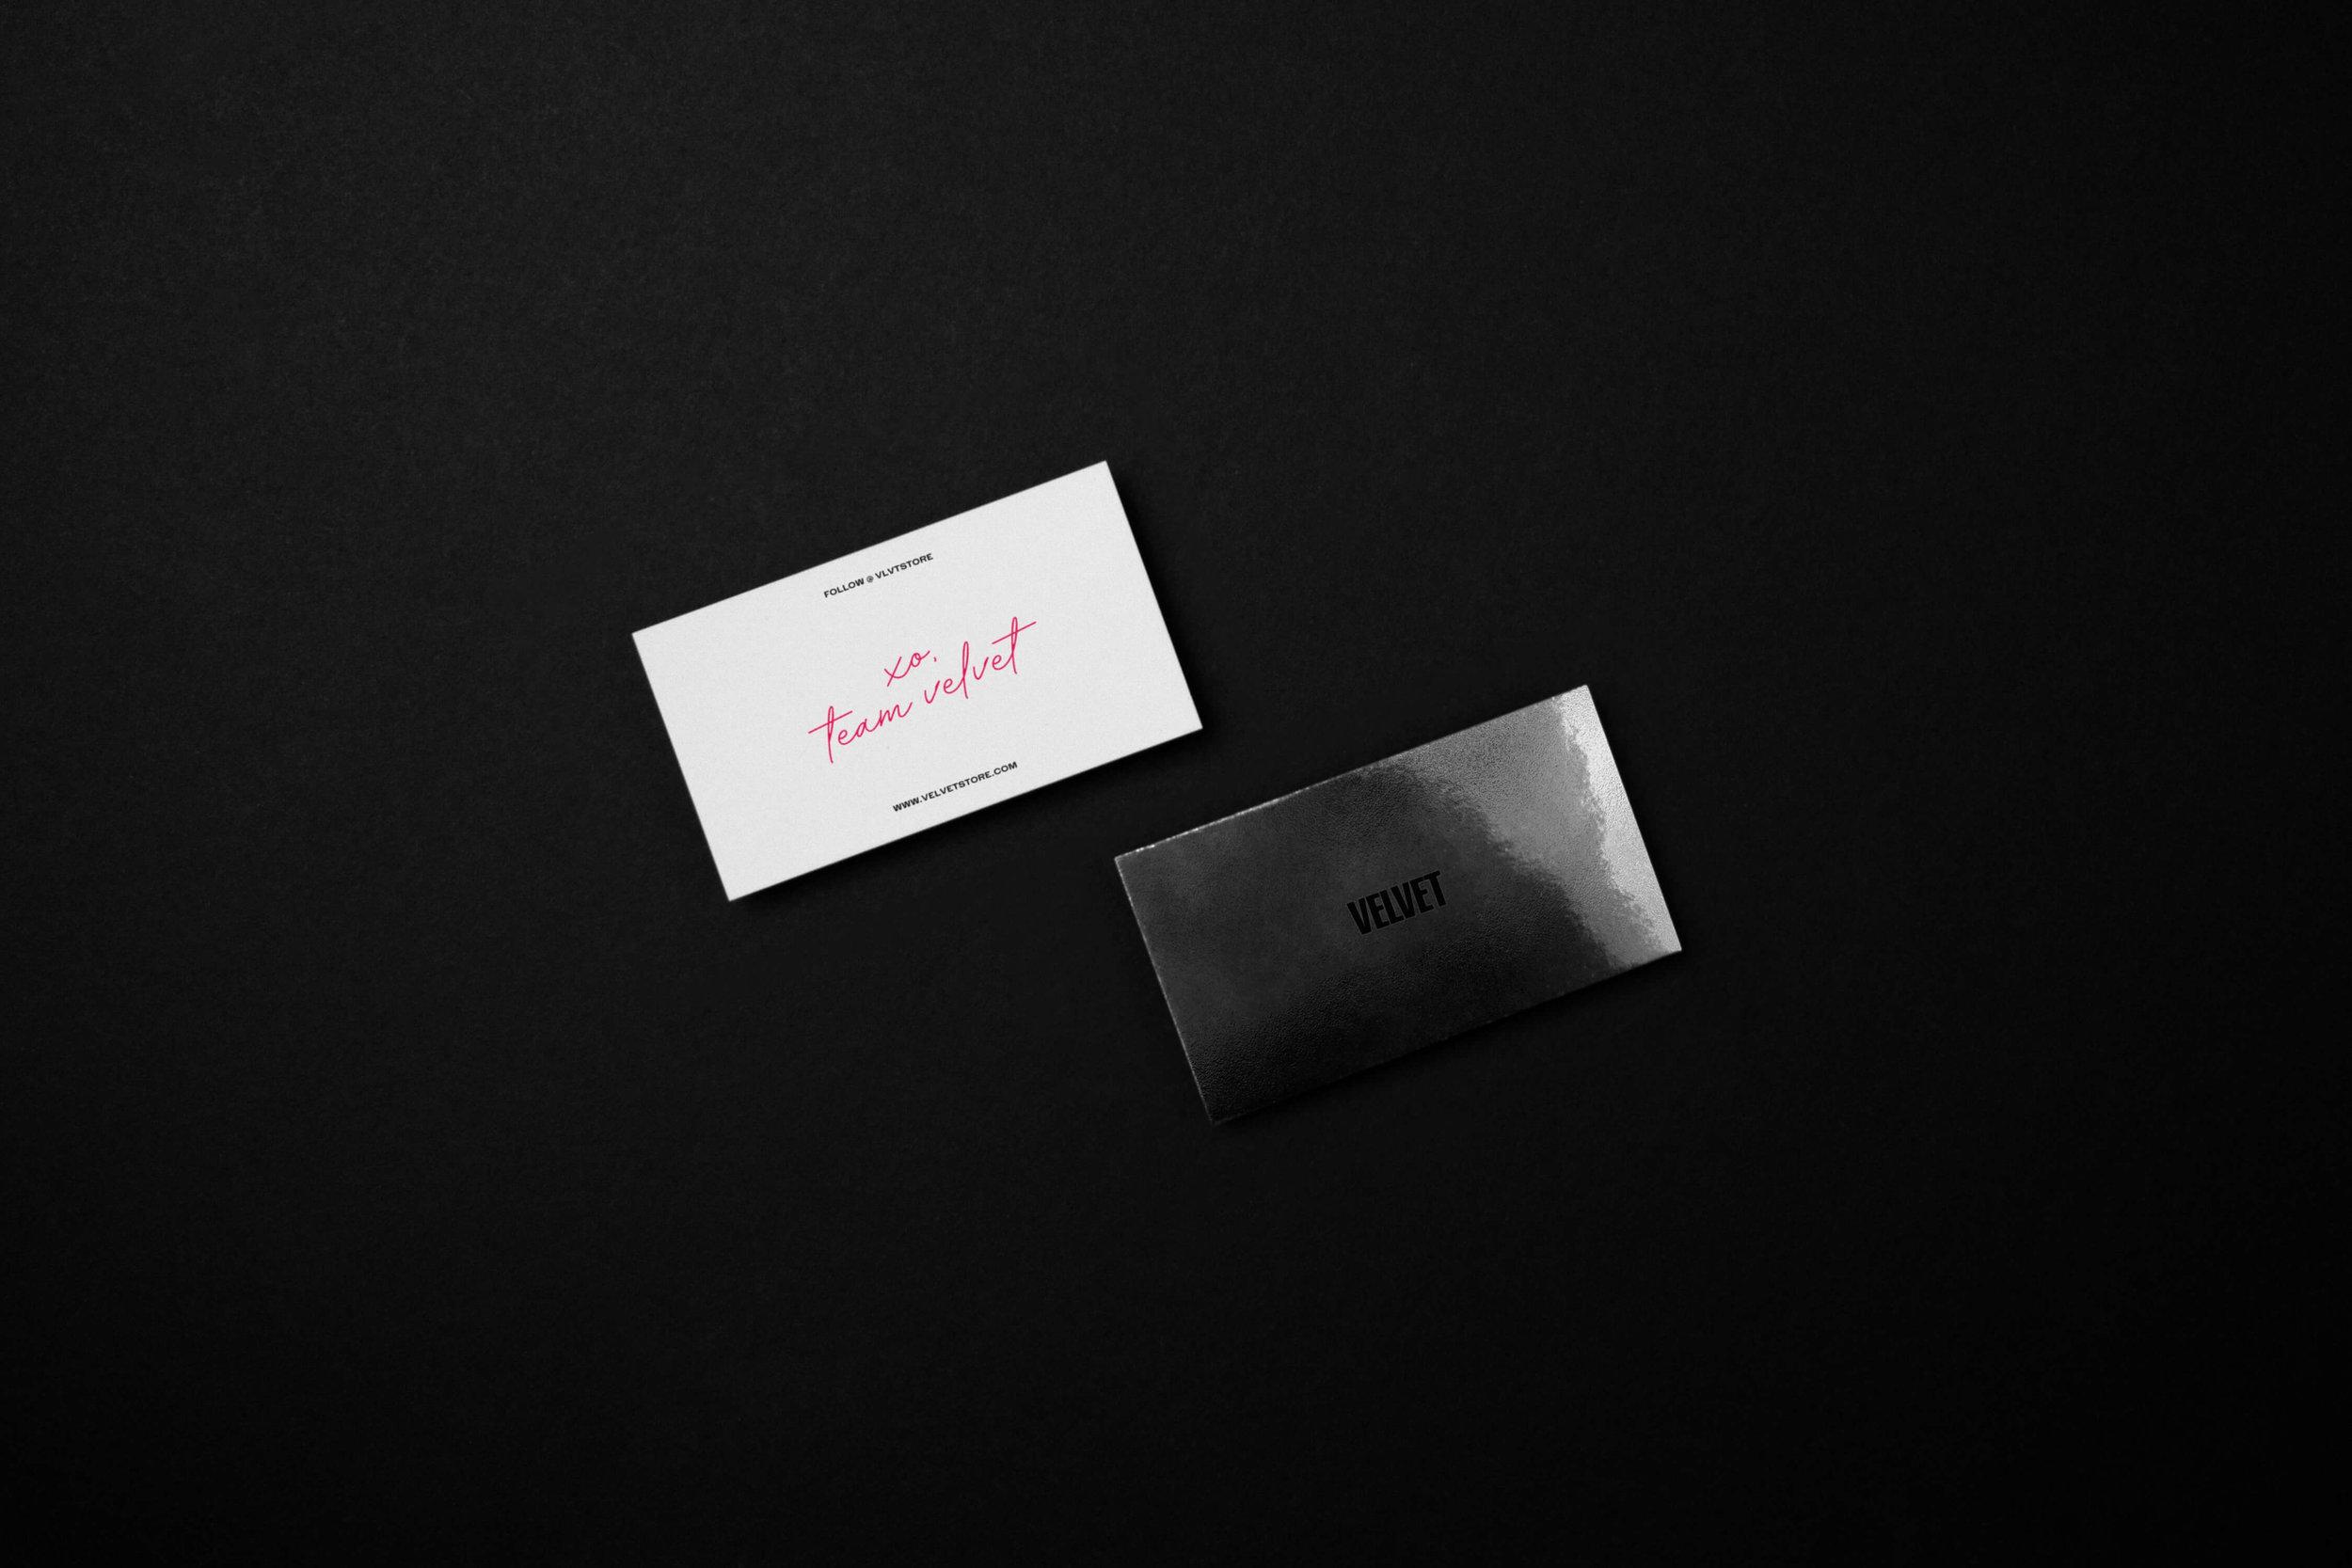 logo-design-branding-san-diego-vortic-velvet-05